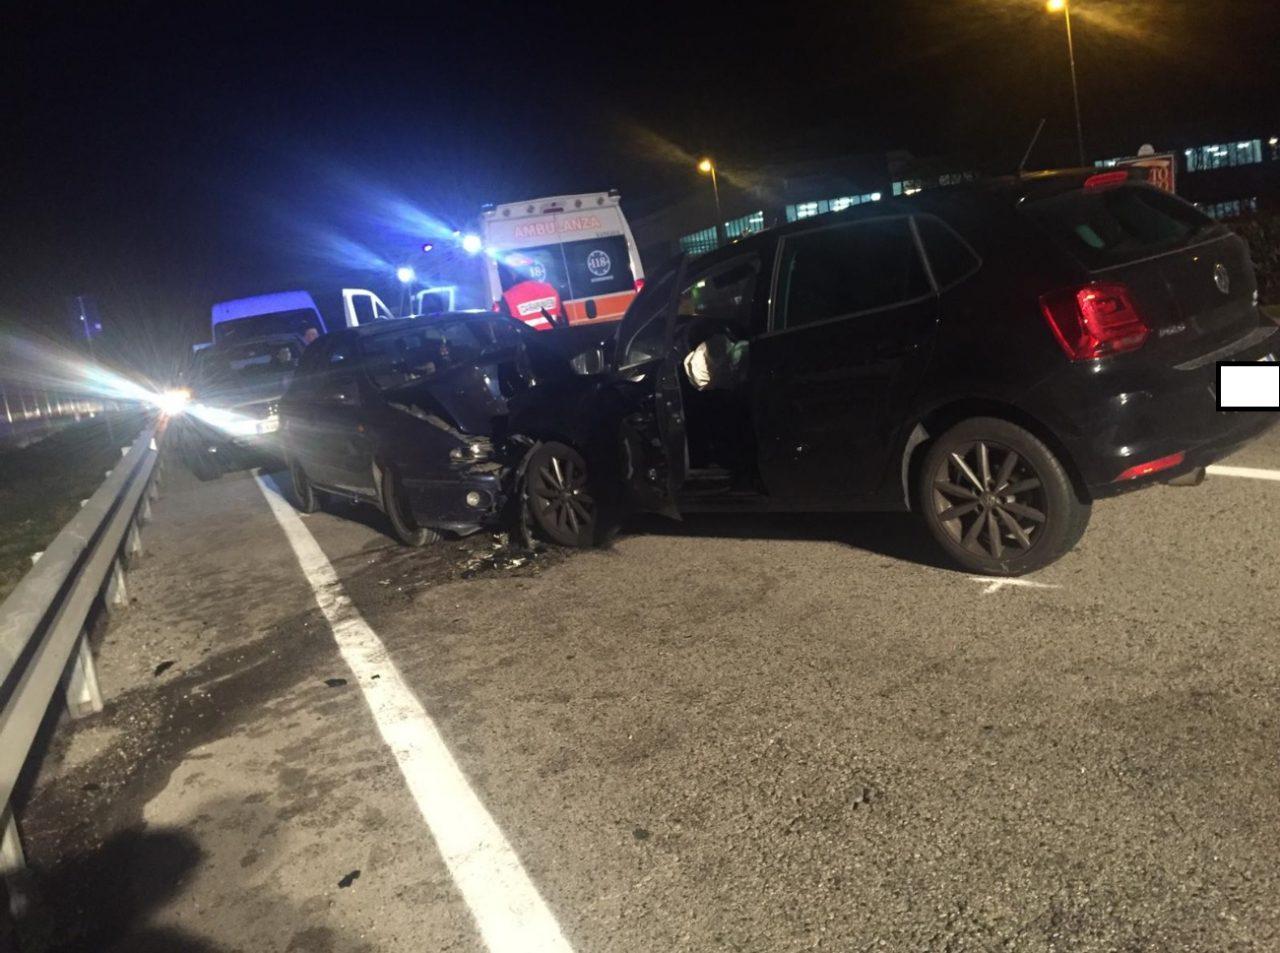 Incidente sulla strada regionale 11, code lunghissime a Peschiera FOTO E VIDEO